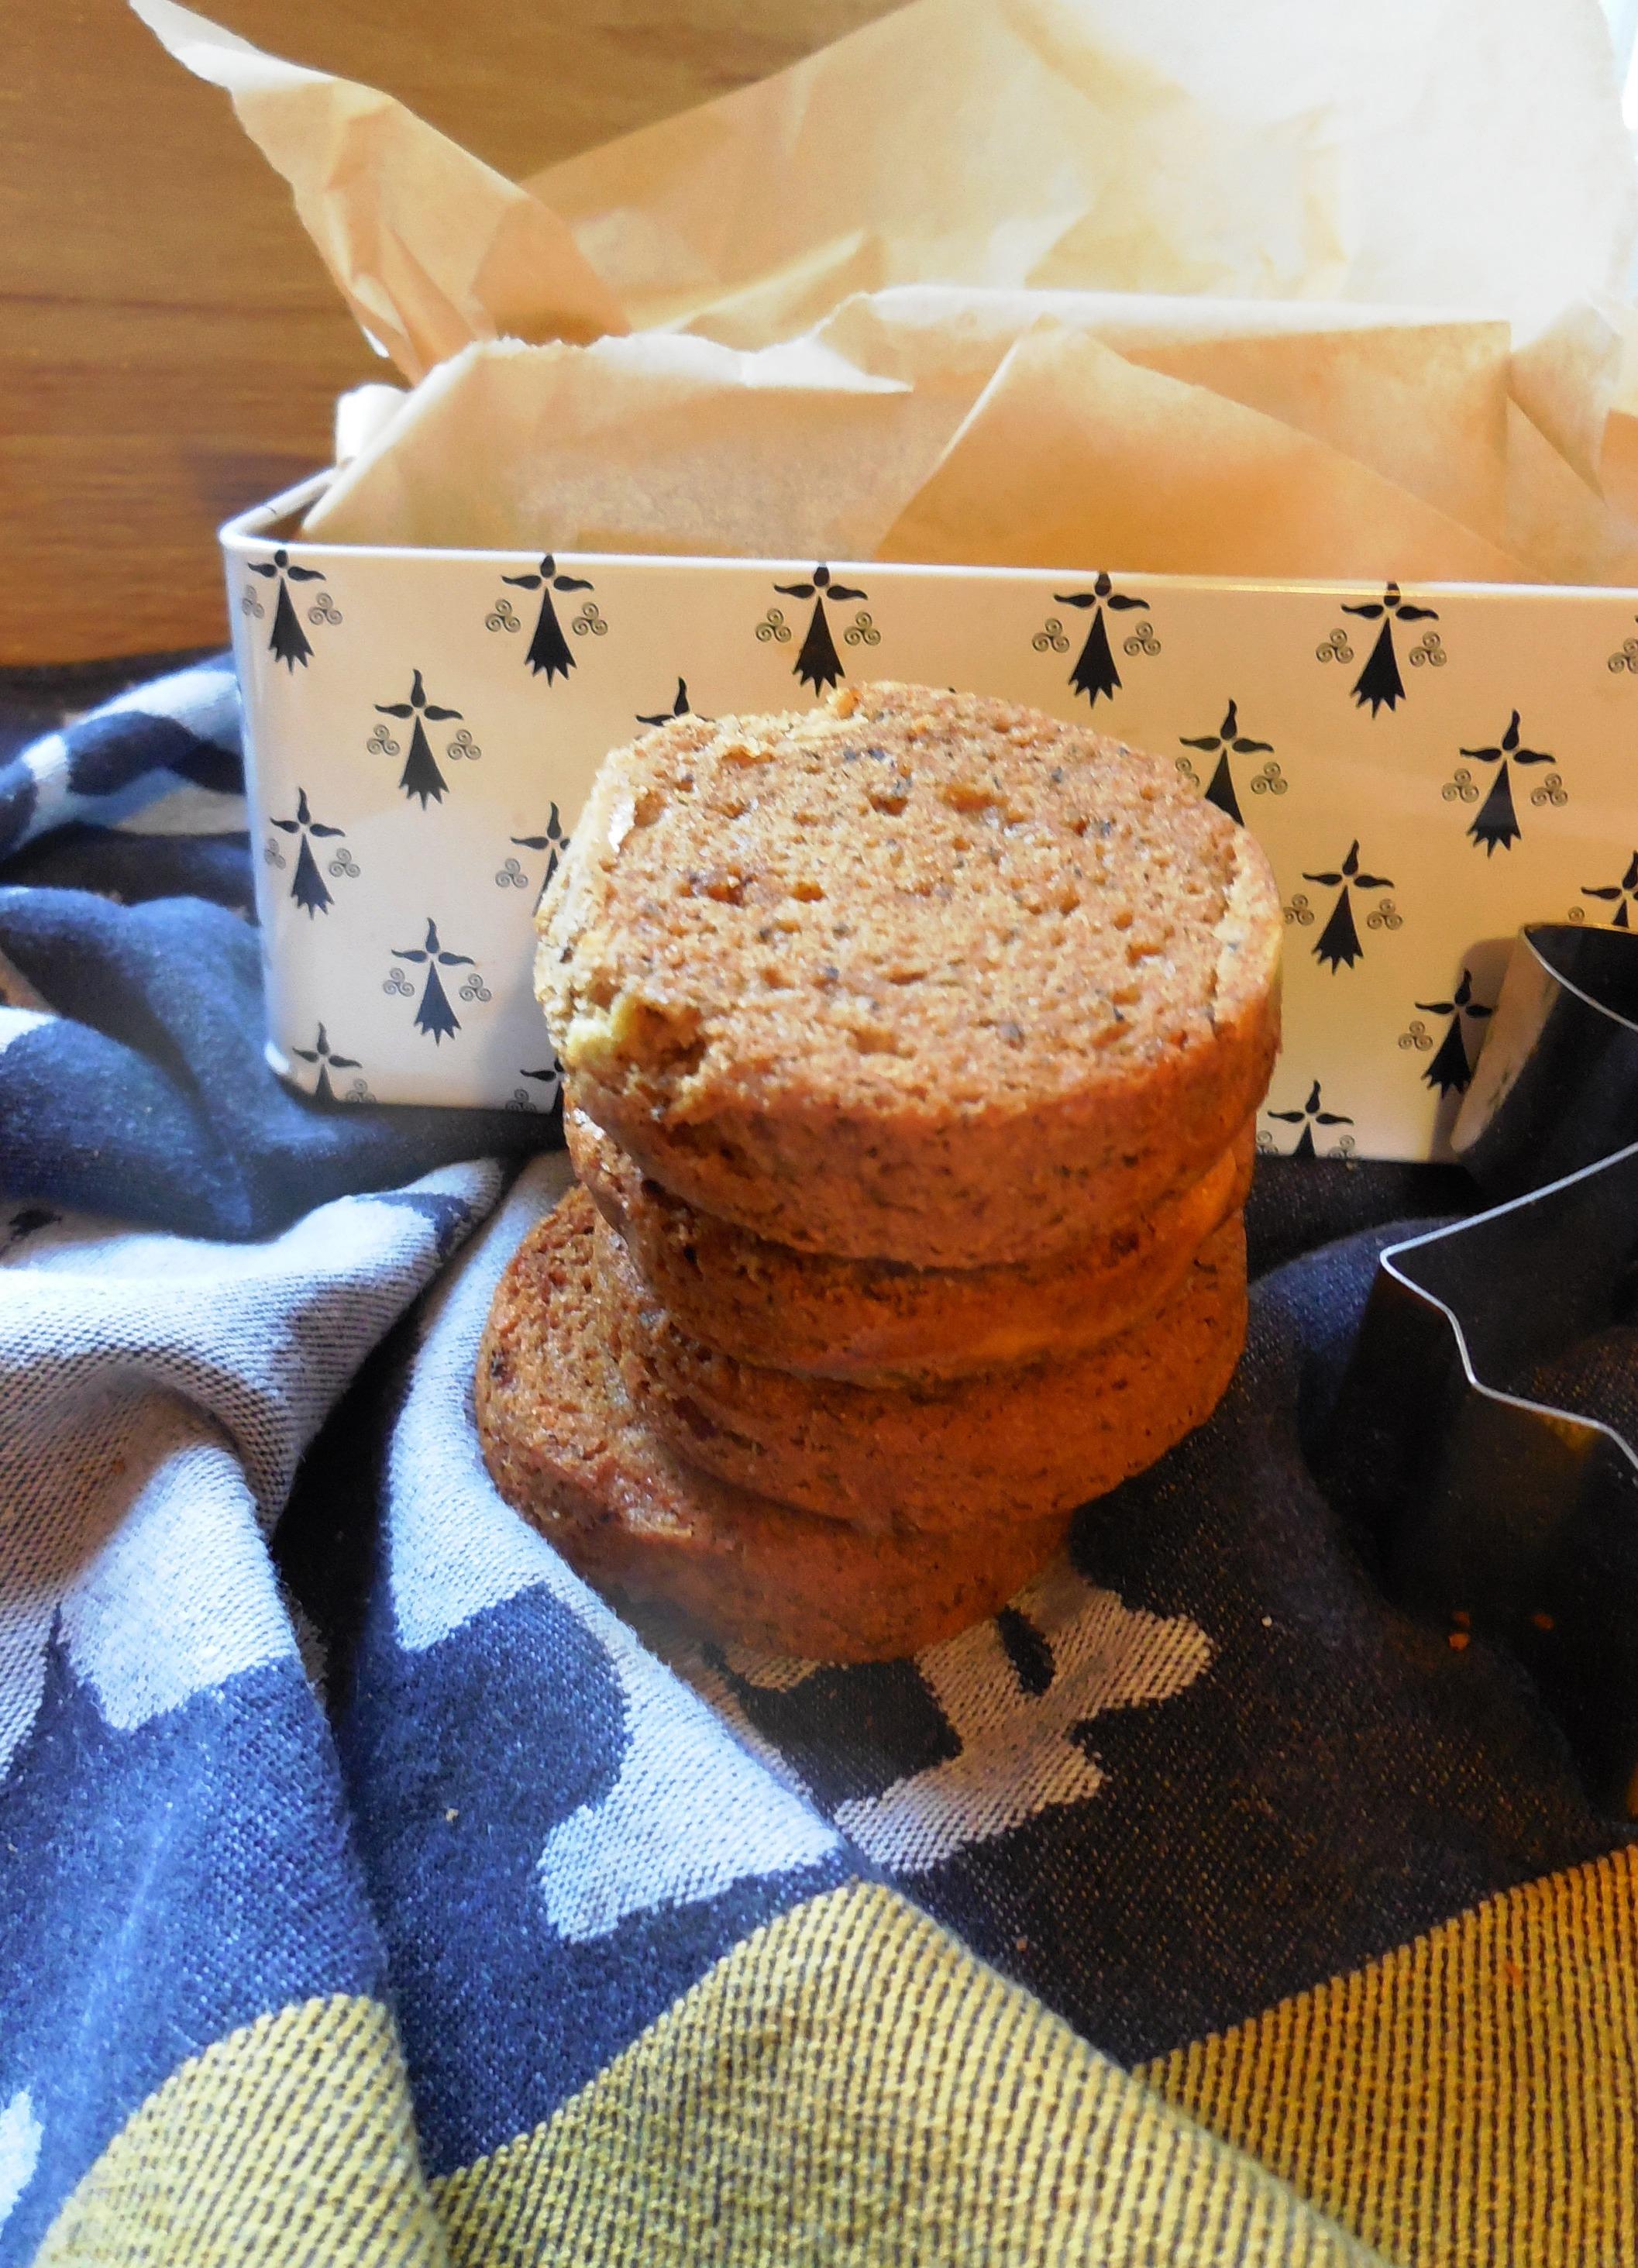 Palets bretons au sarrasin